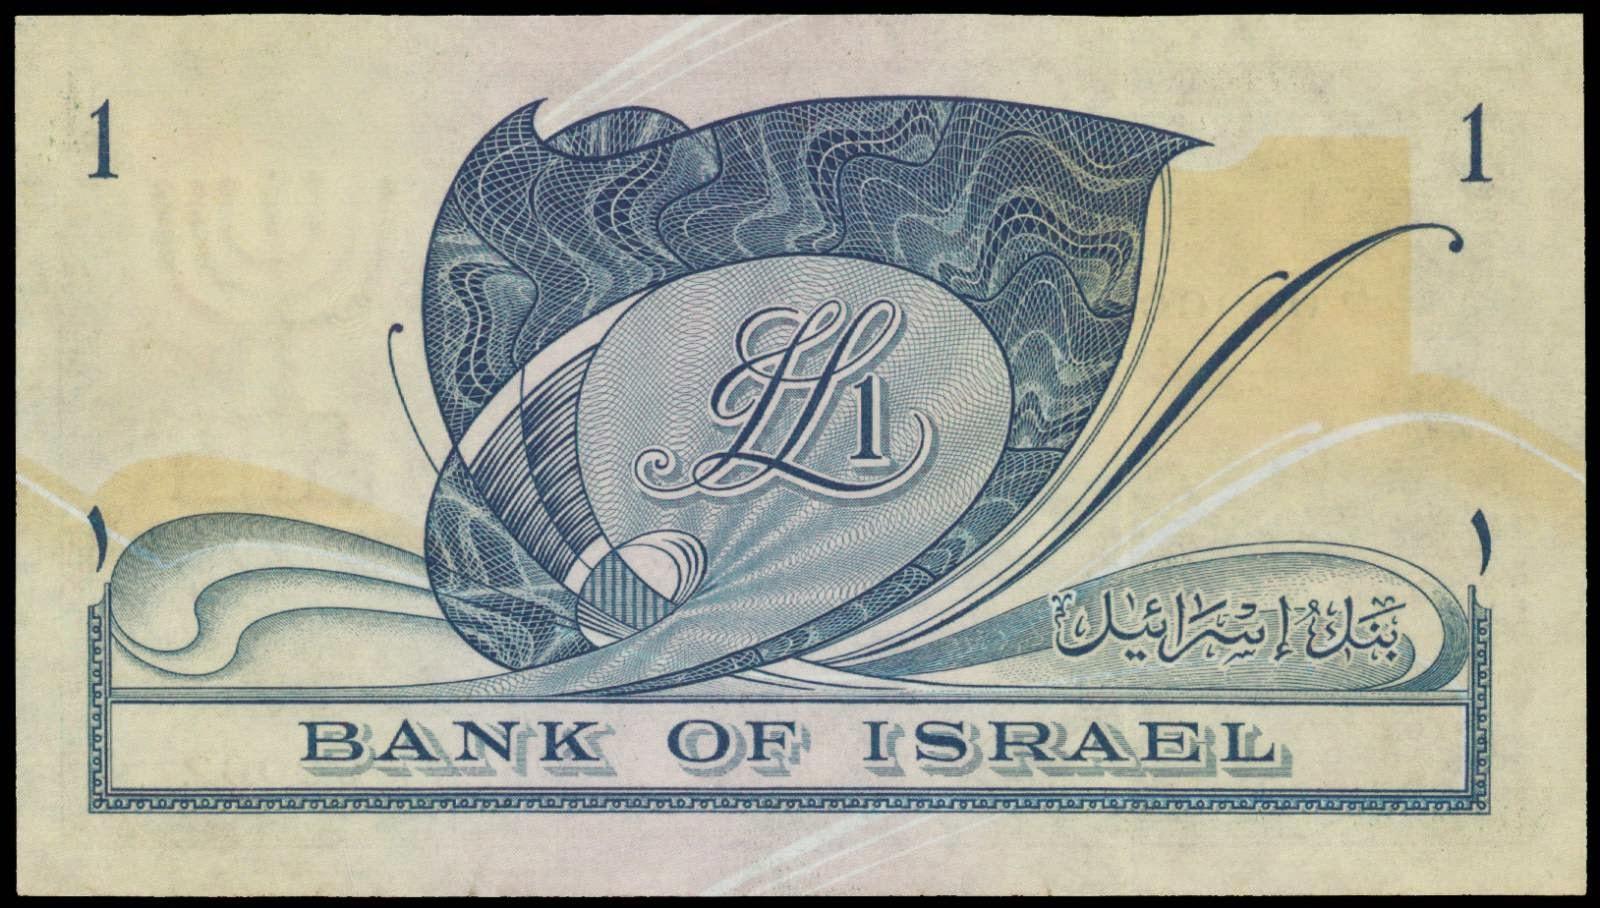 Bank of Israel banknotes Lira 1955